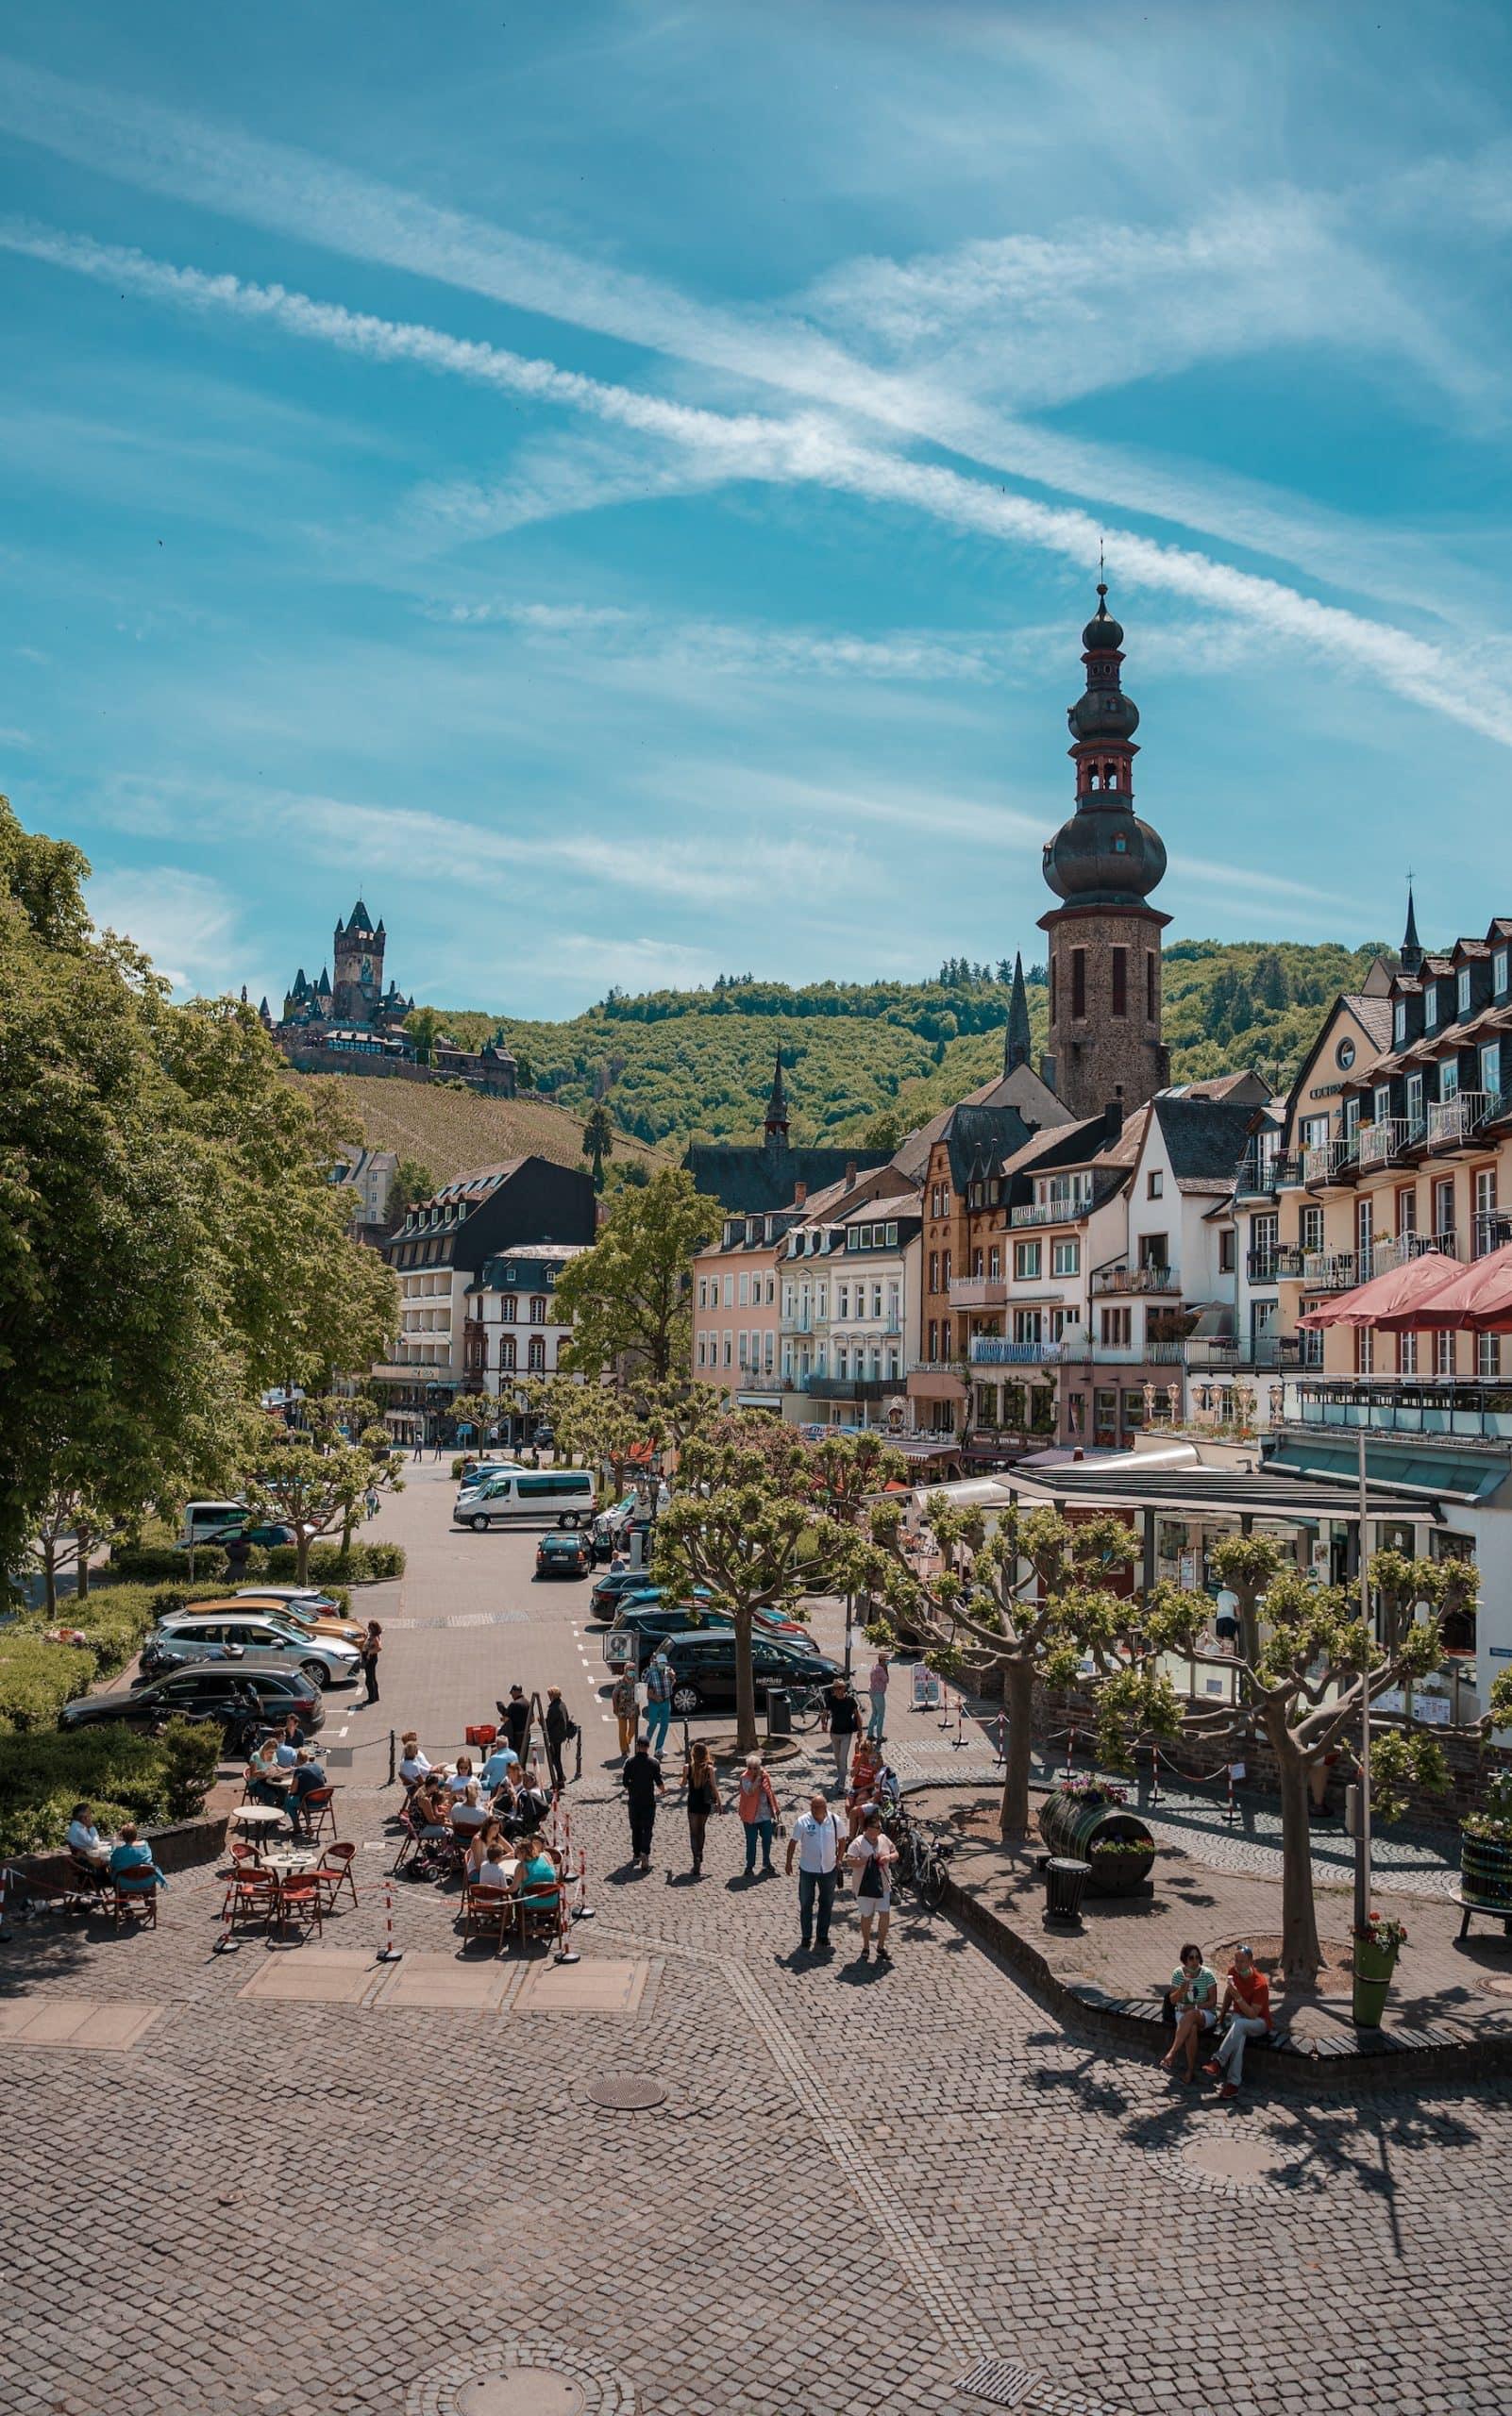 Cochem ist ein Stopp auf dem Moselsteig, einem der schönsten Fernwanderwege in Deutschland